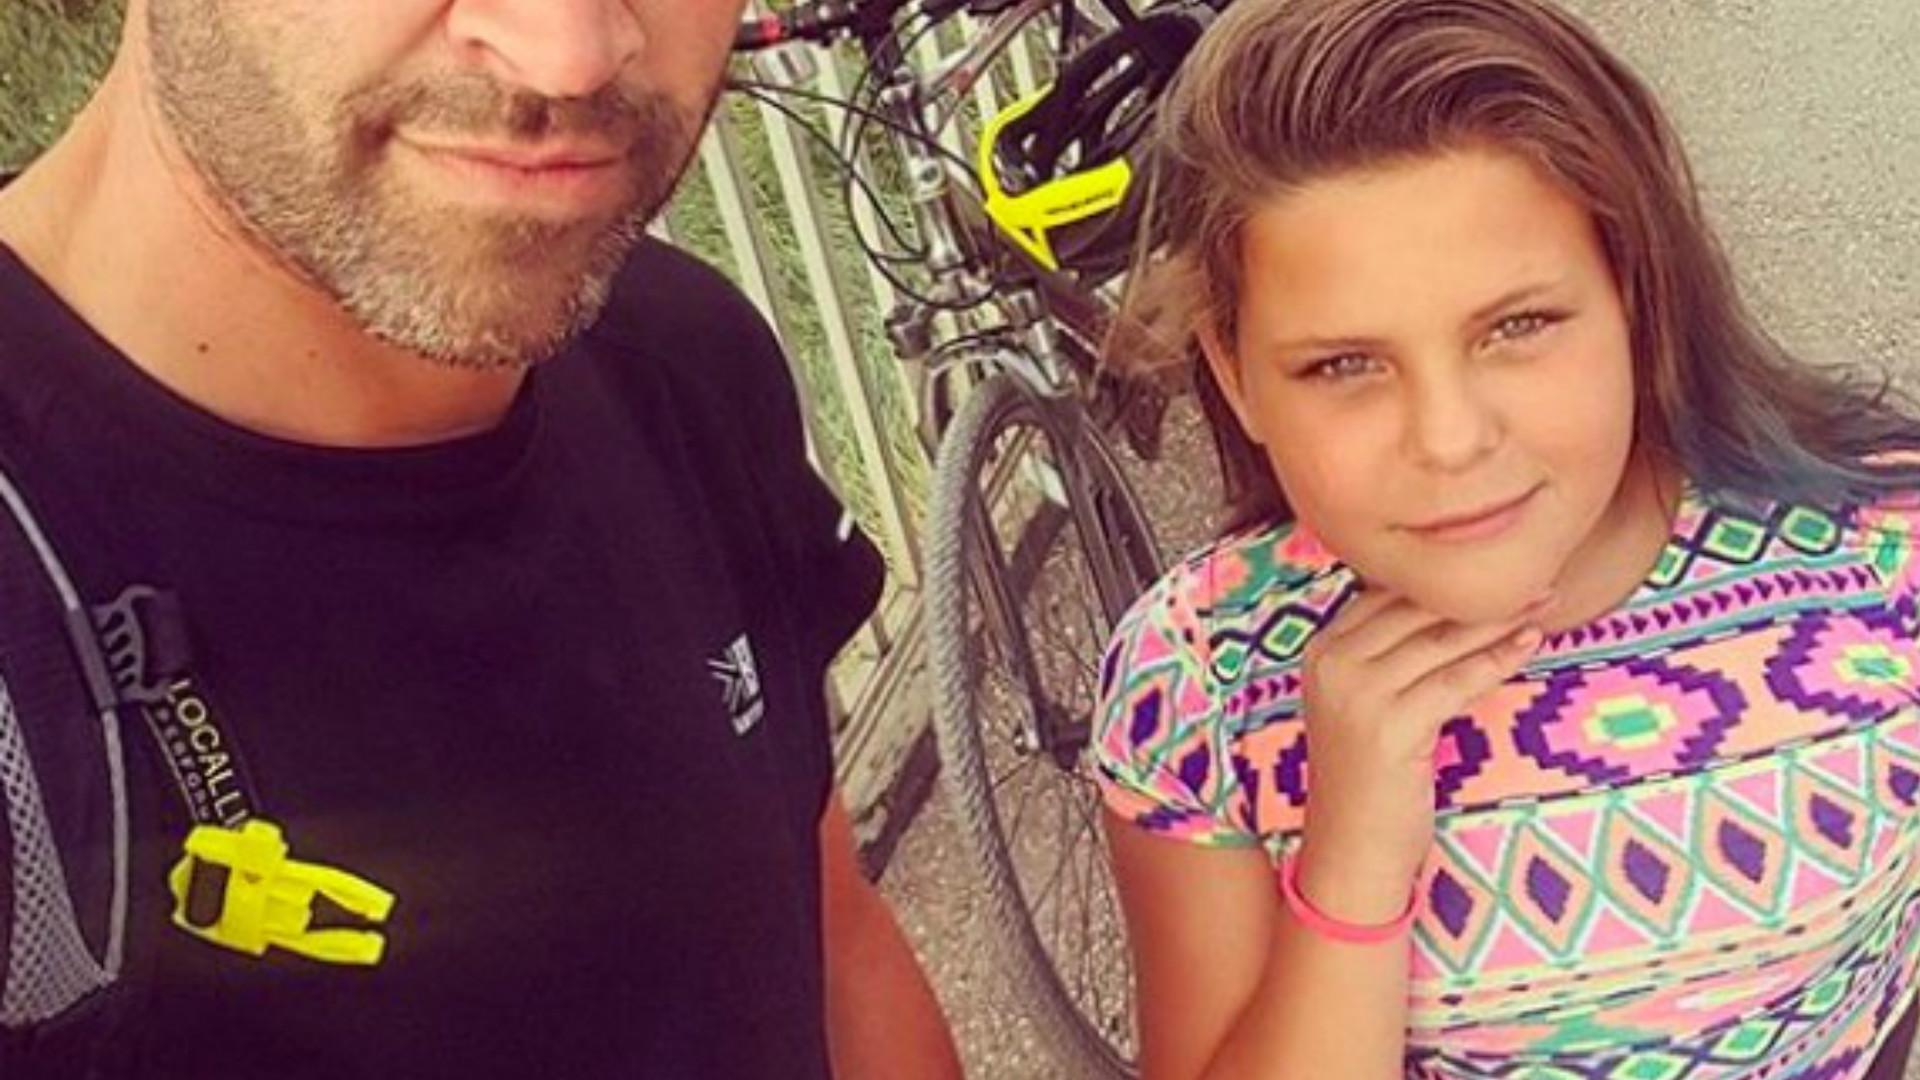 Darren Guile - najseksowniejszy tata na świecie